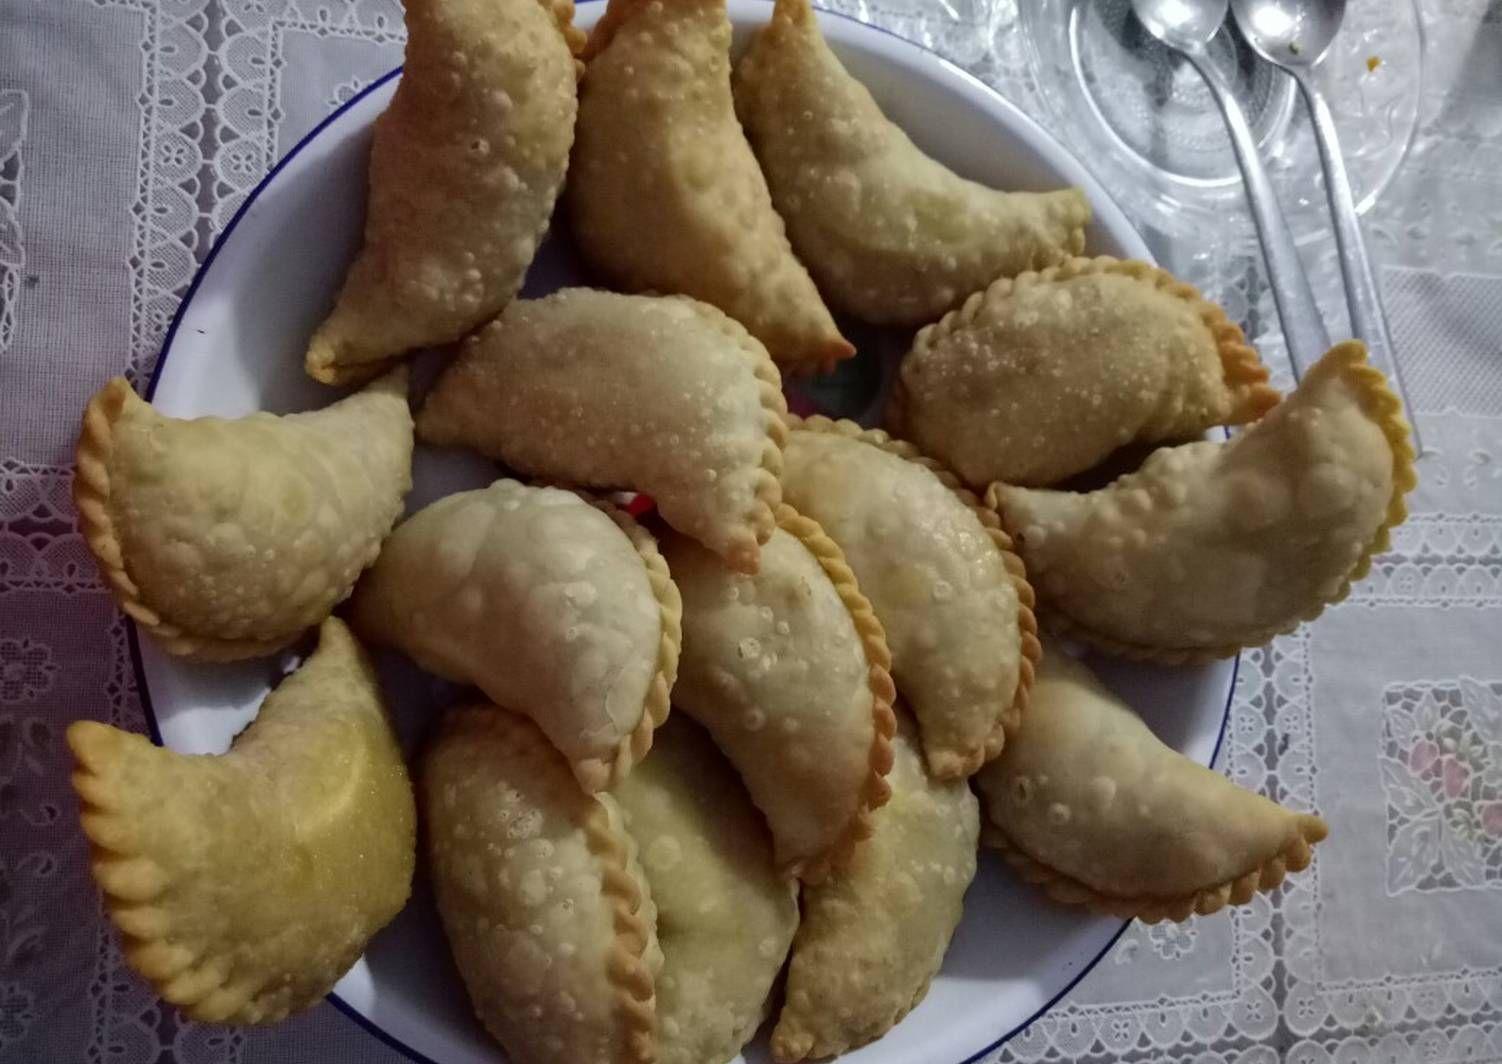 Resep Jalangkote Pastel Enak Gurih Asli Makassar Oleh Sofy Ssinz Resep Makanan Resep Pastel